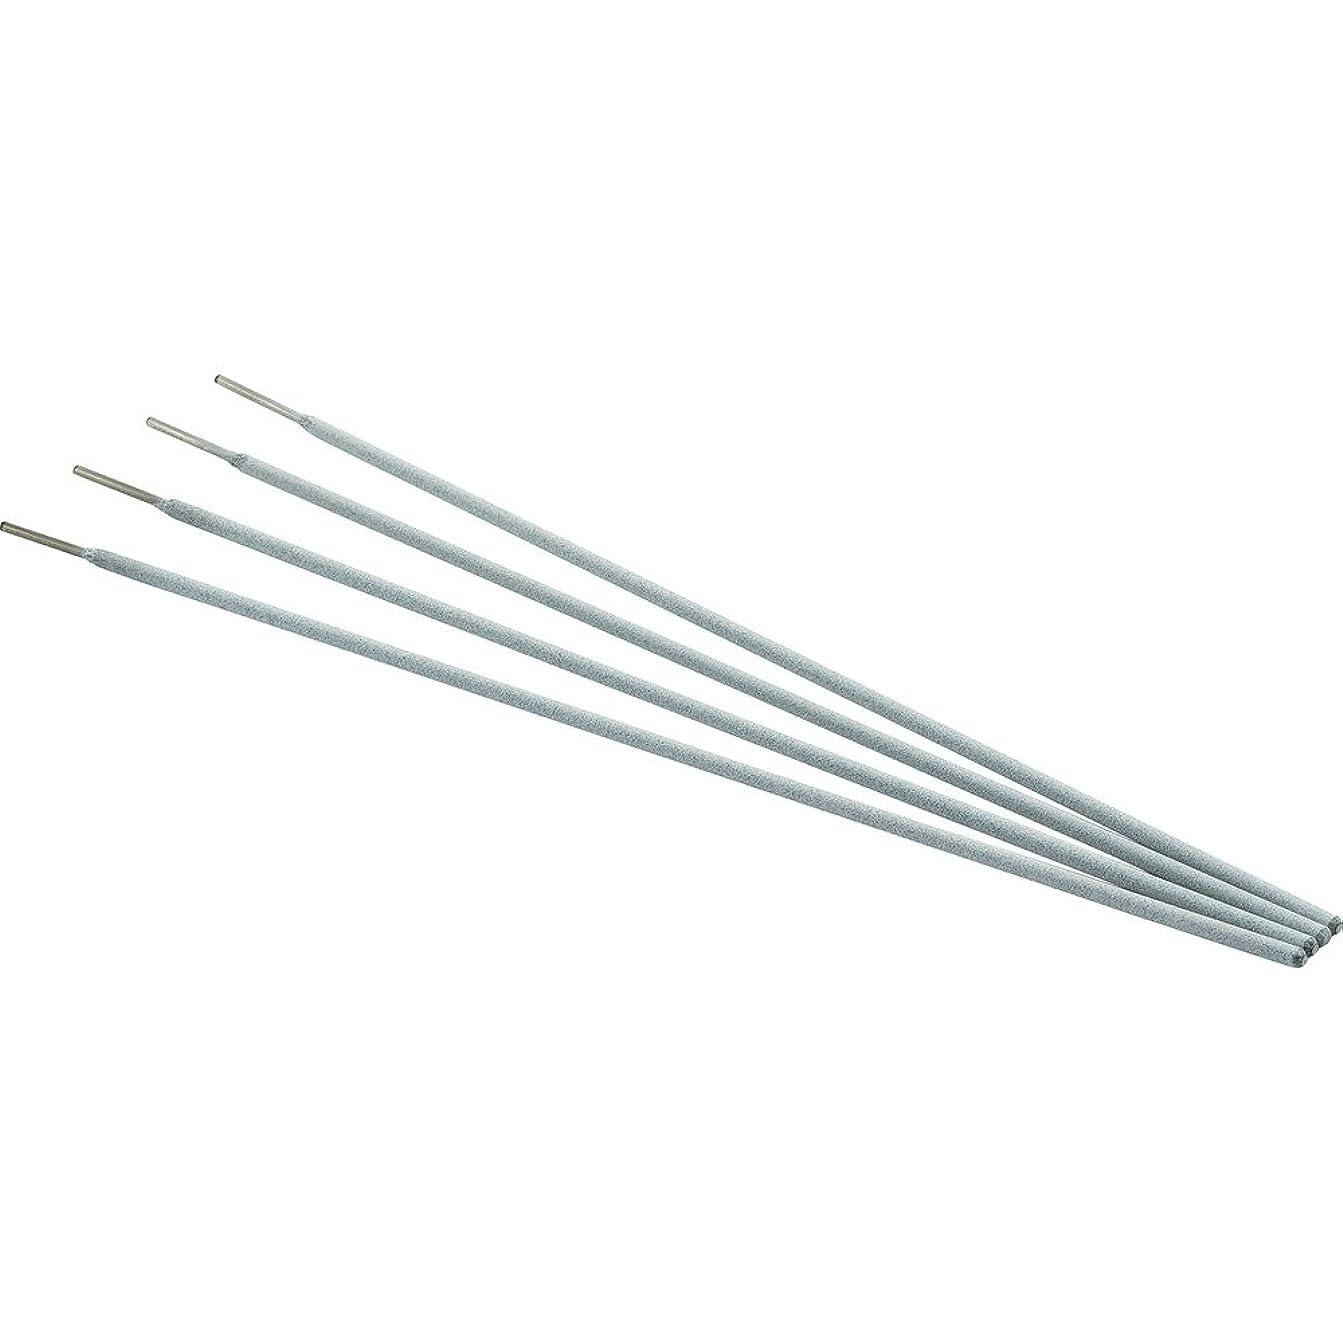 鼓舞する熟達予測TRUSCO(トラスコ) ステンレス異材用溶接棒3.2mm 棒長350mm TSS309-325